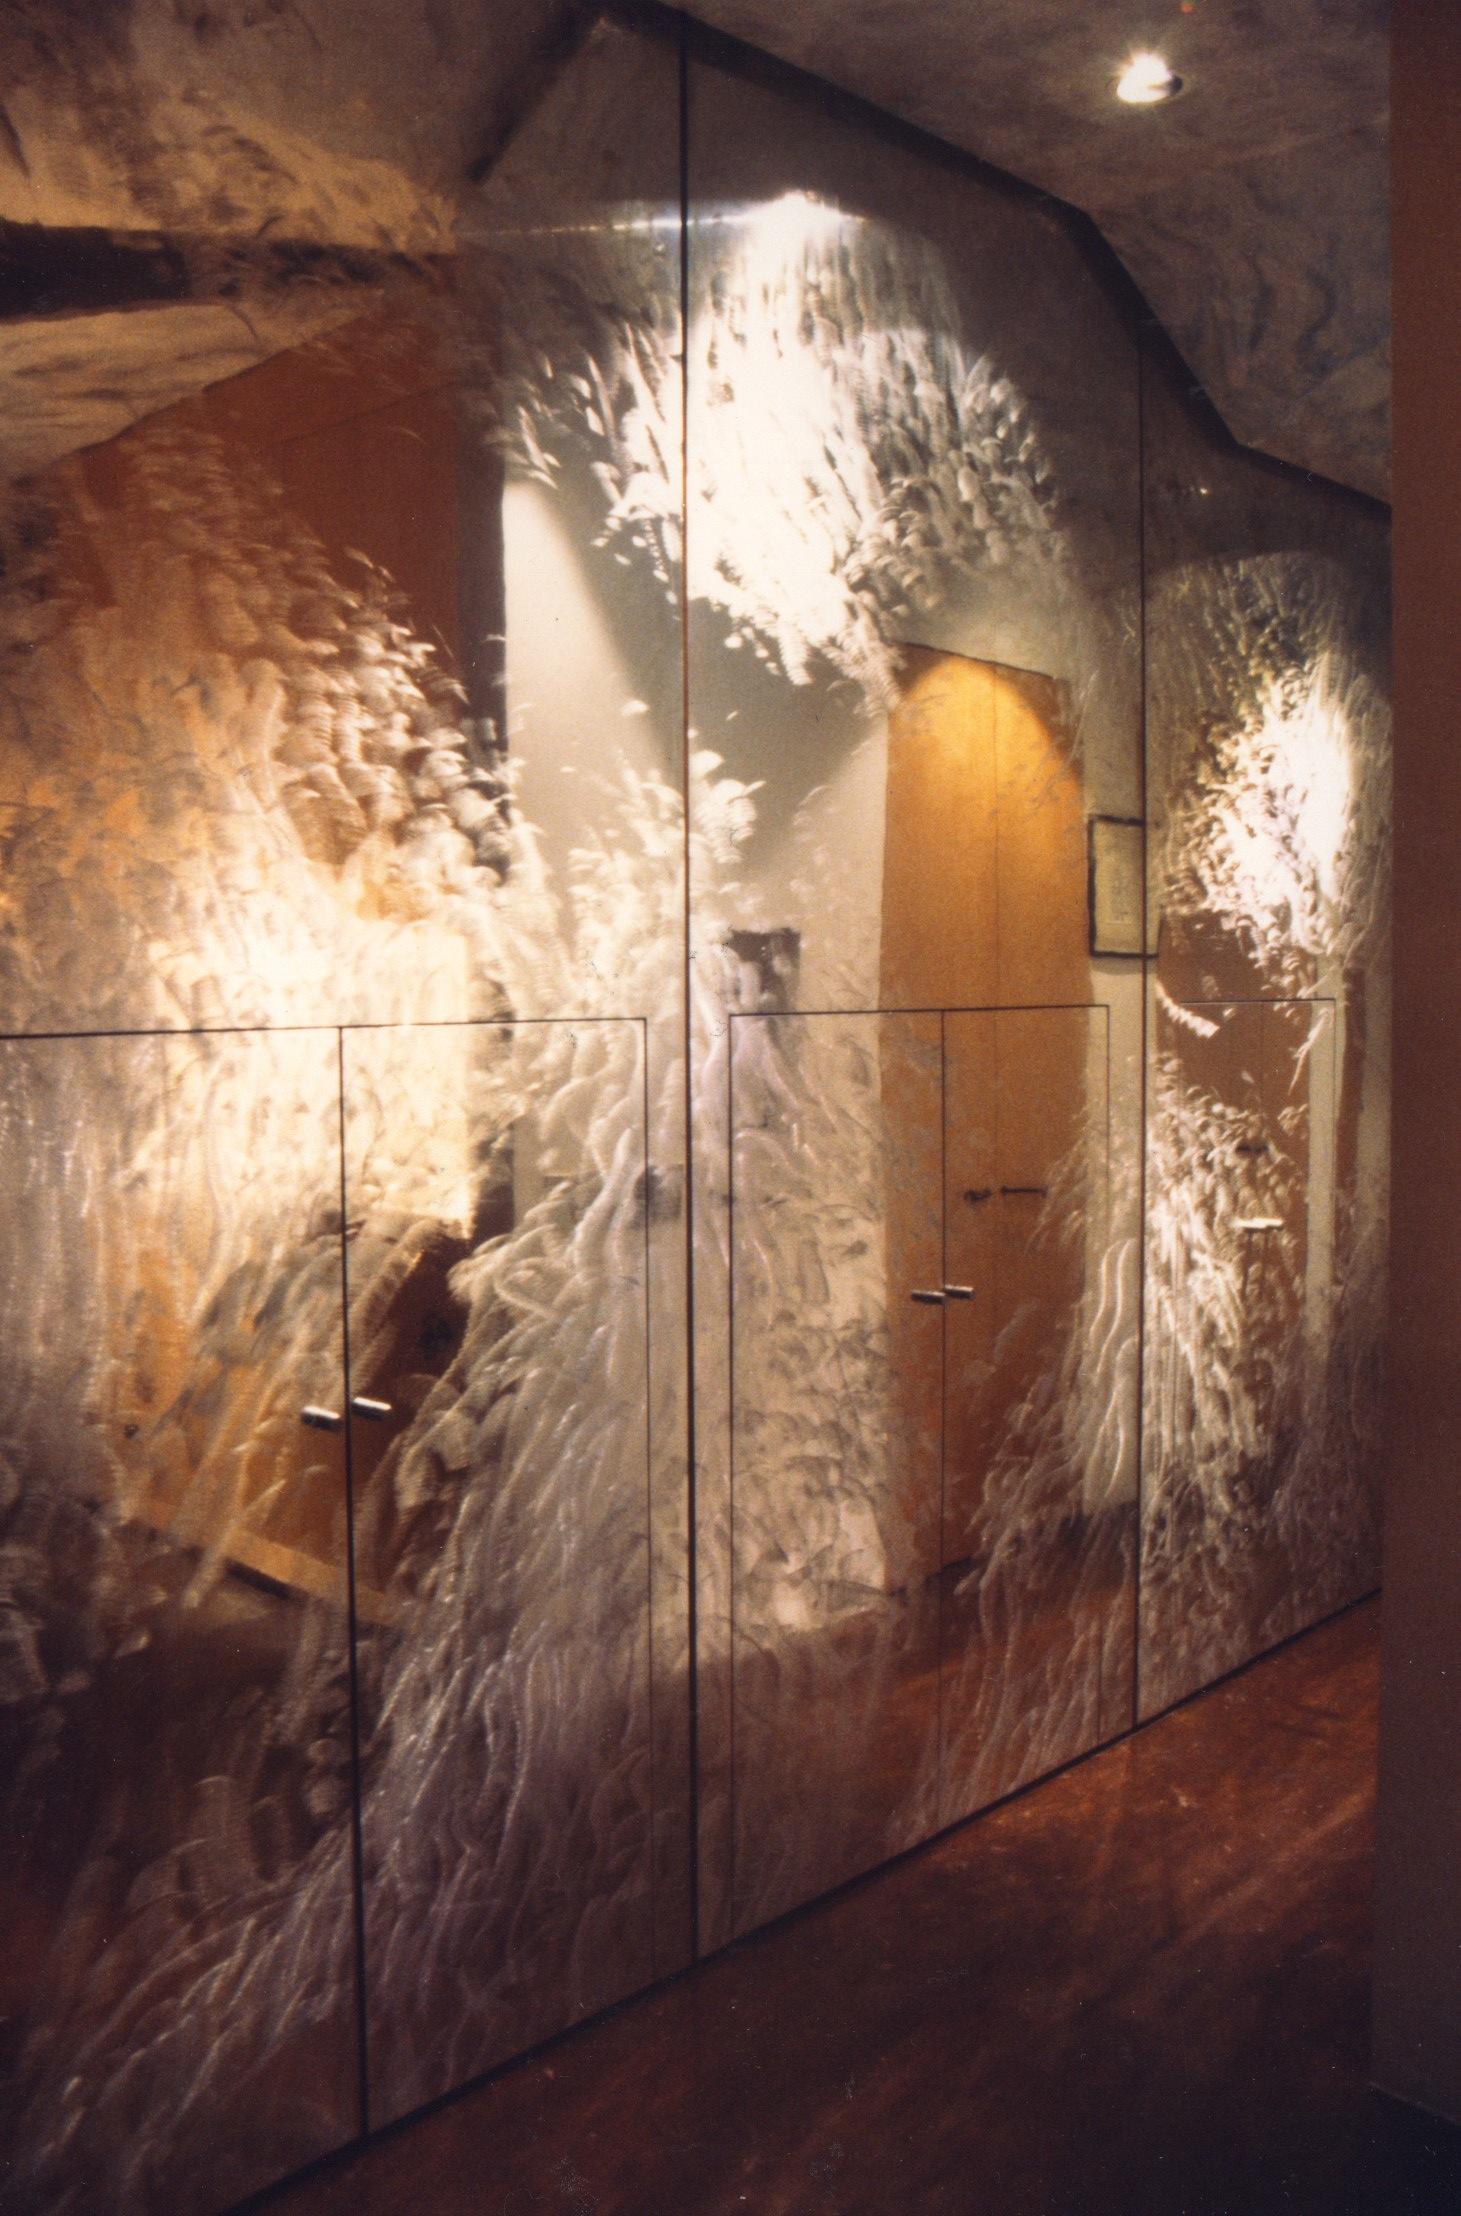 Brushed Aluminum Landscape Wall - Hallway Storage Wall